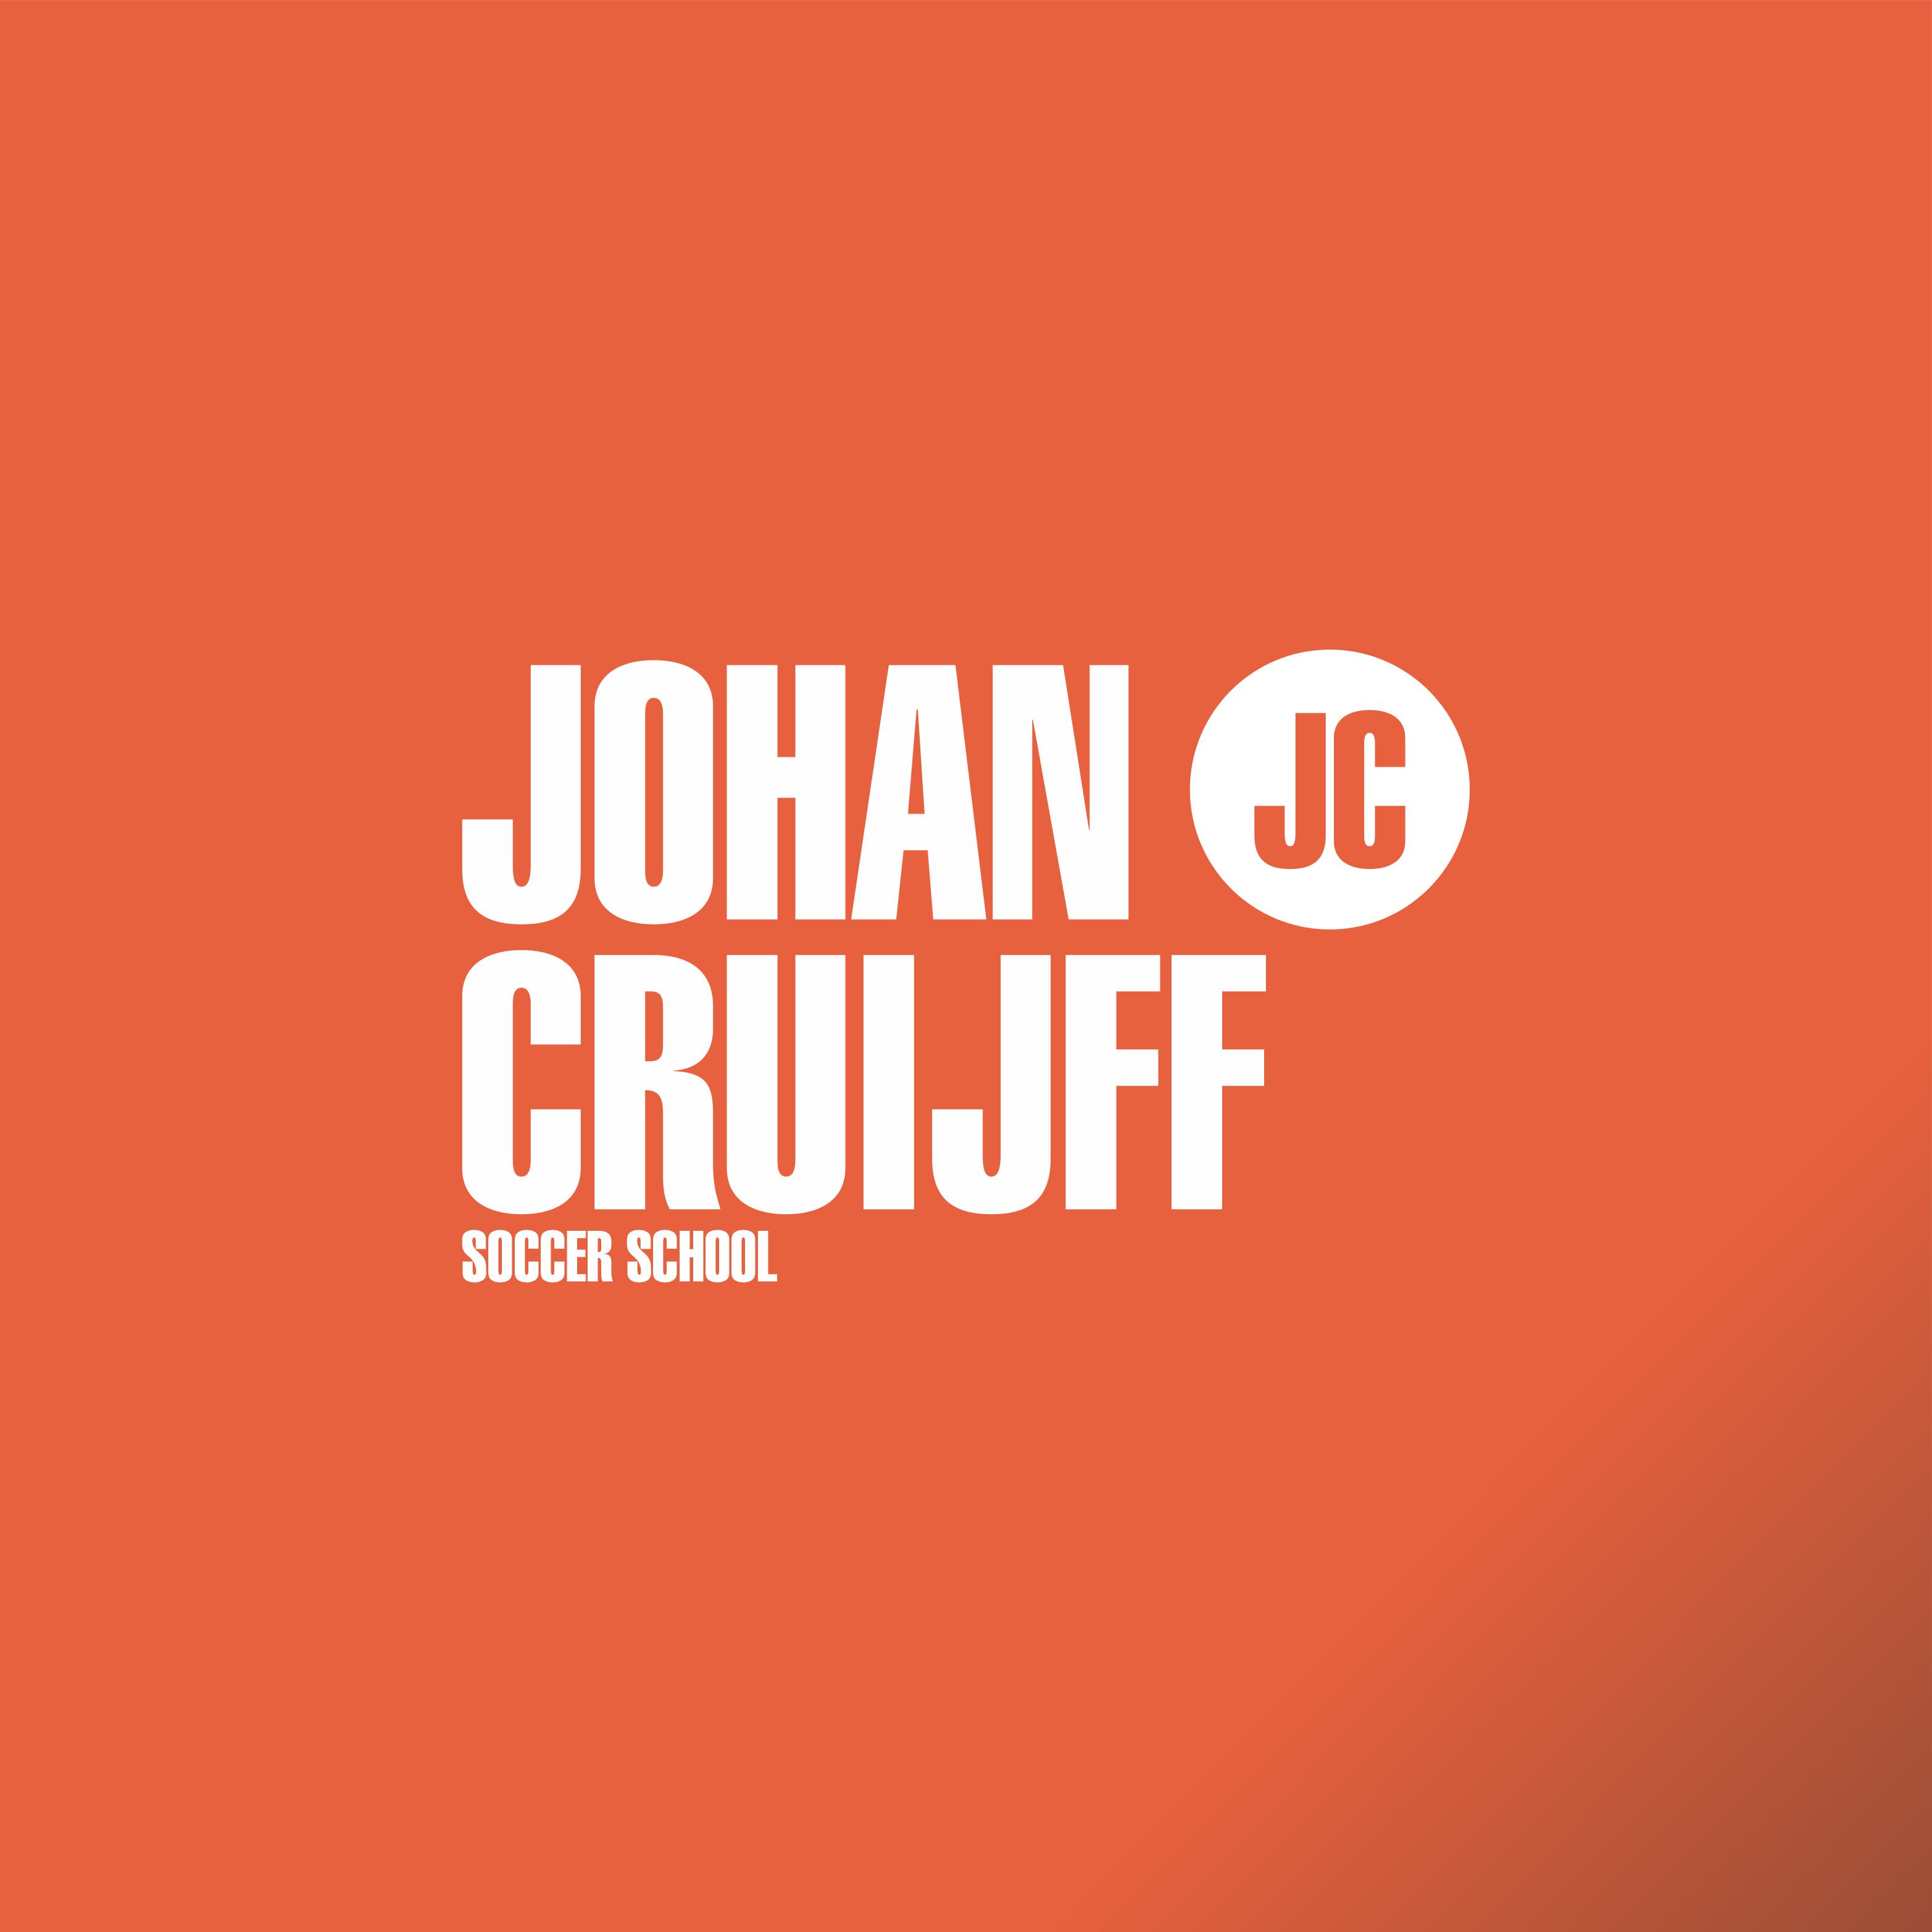 Johan Cruijff Soccer School | MASTROiNCHIOSTRO web site - brand logo